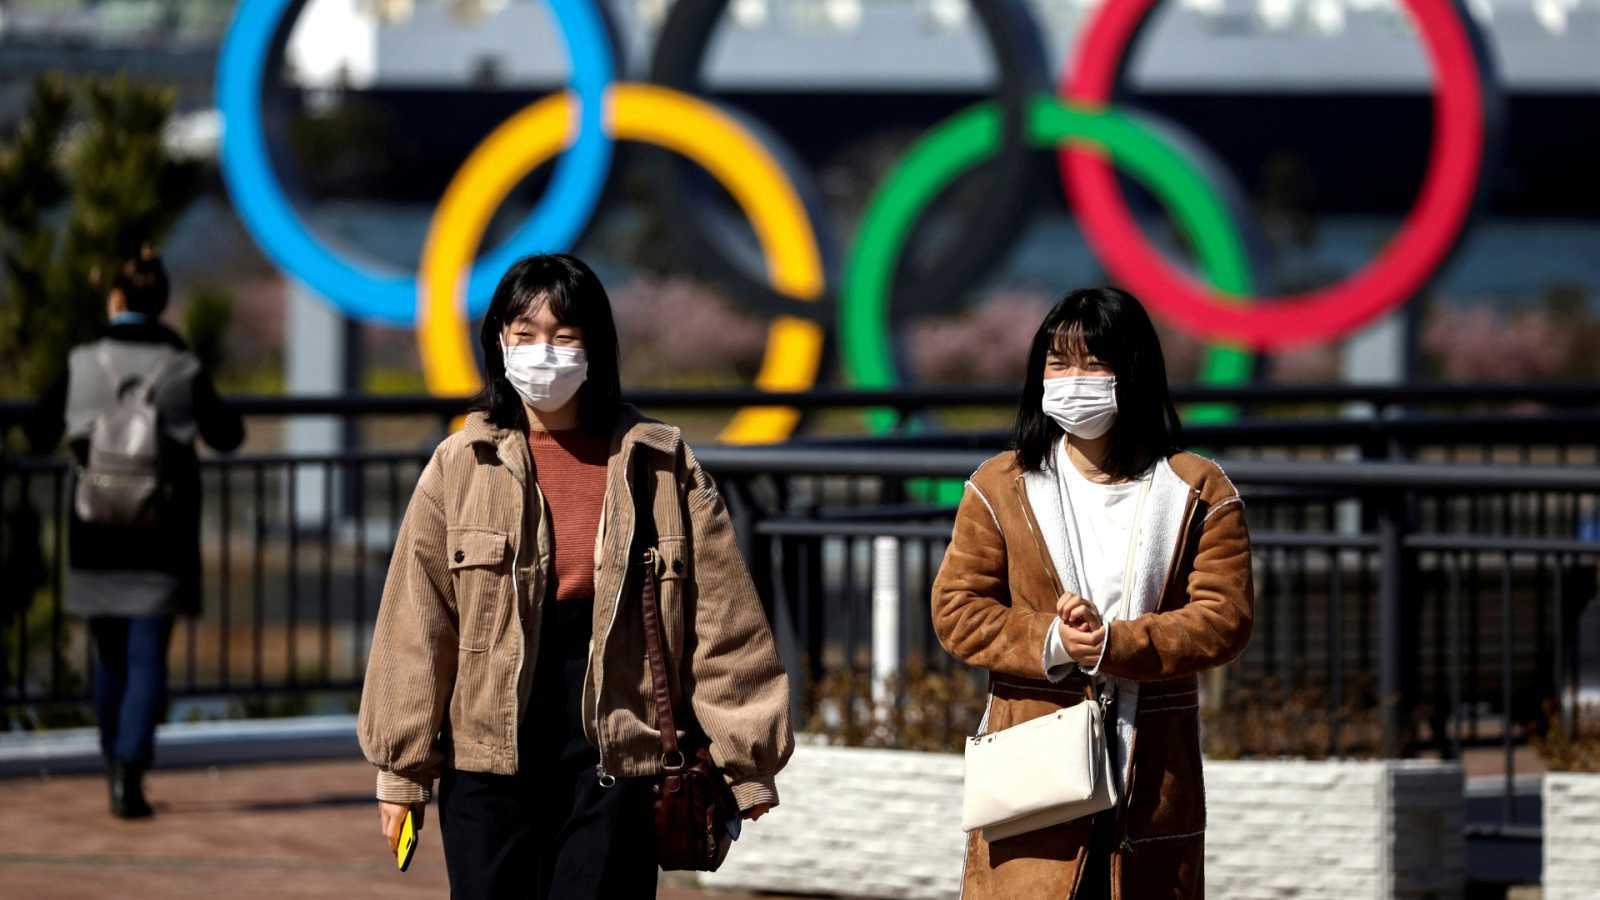 Los Juegos Olímpicos de Tokio 2020 se aplazan a 2021 | RTVE.es